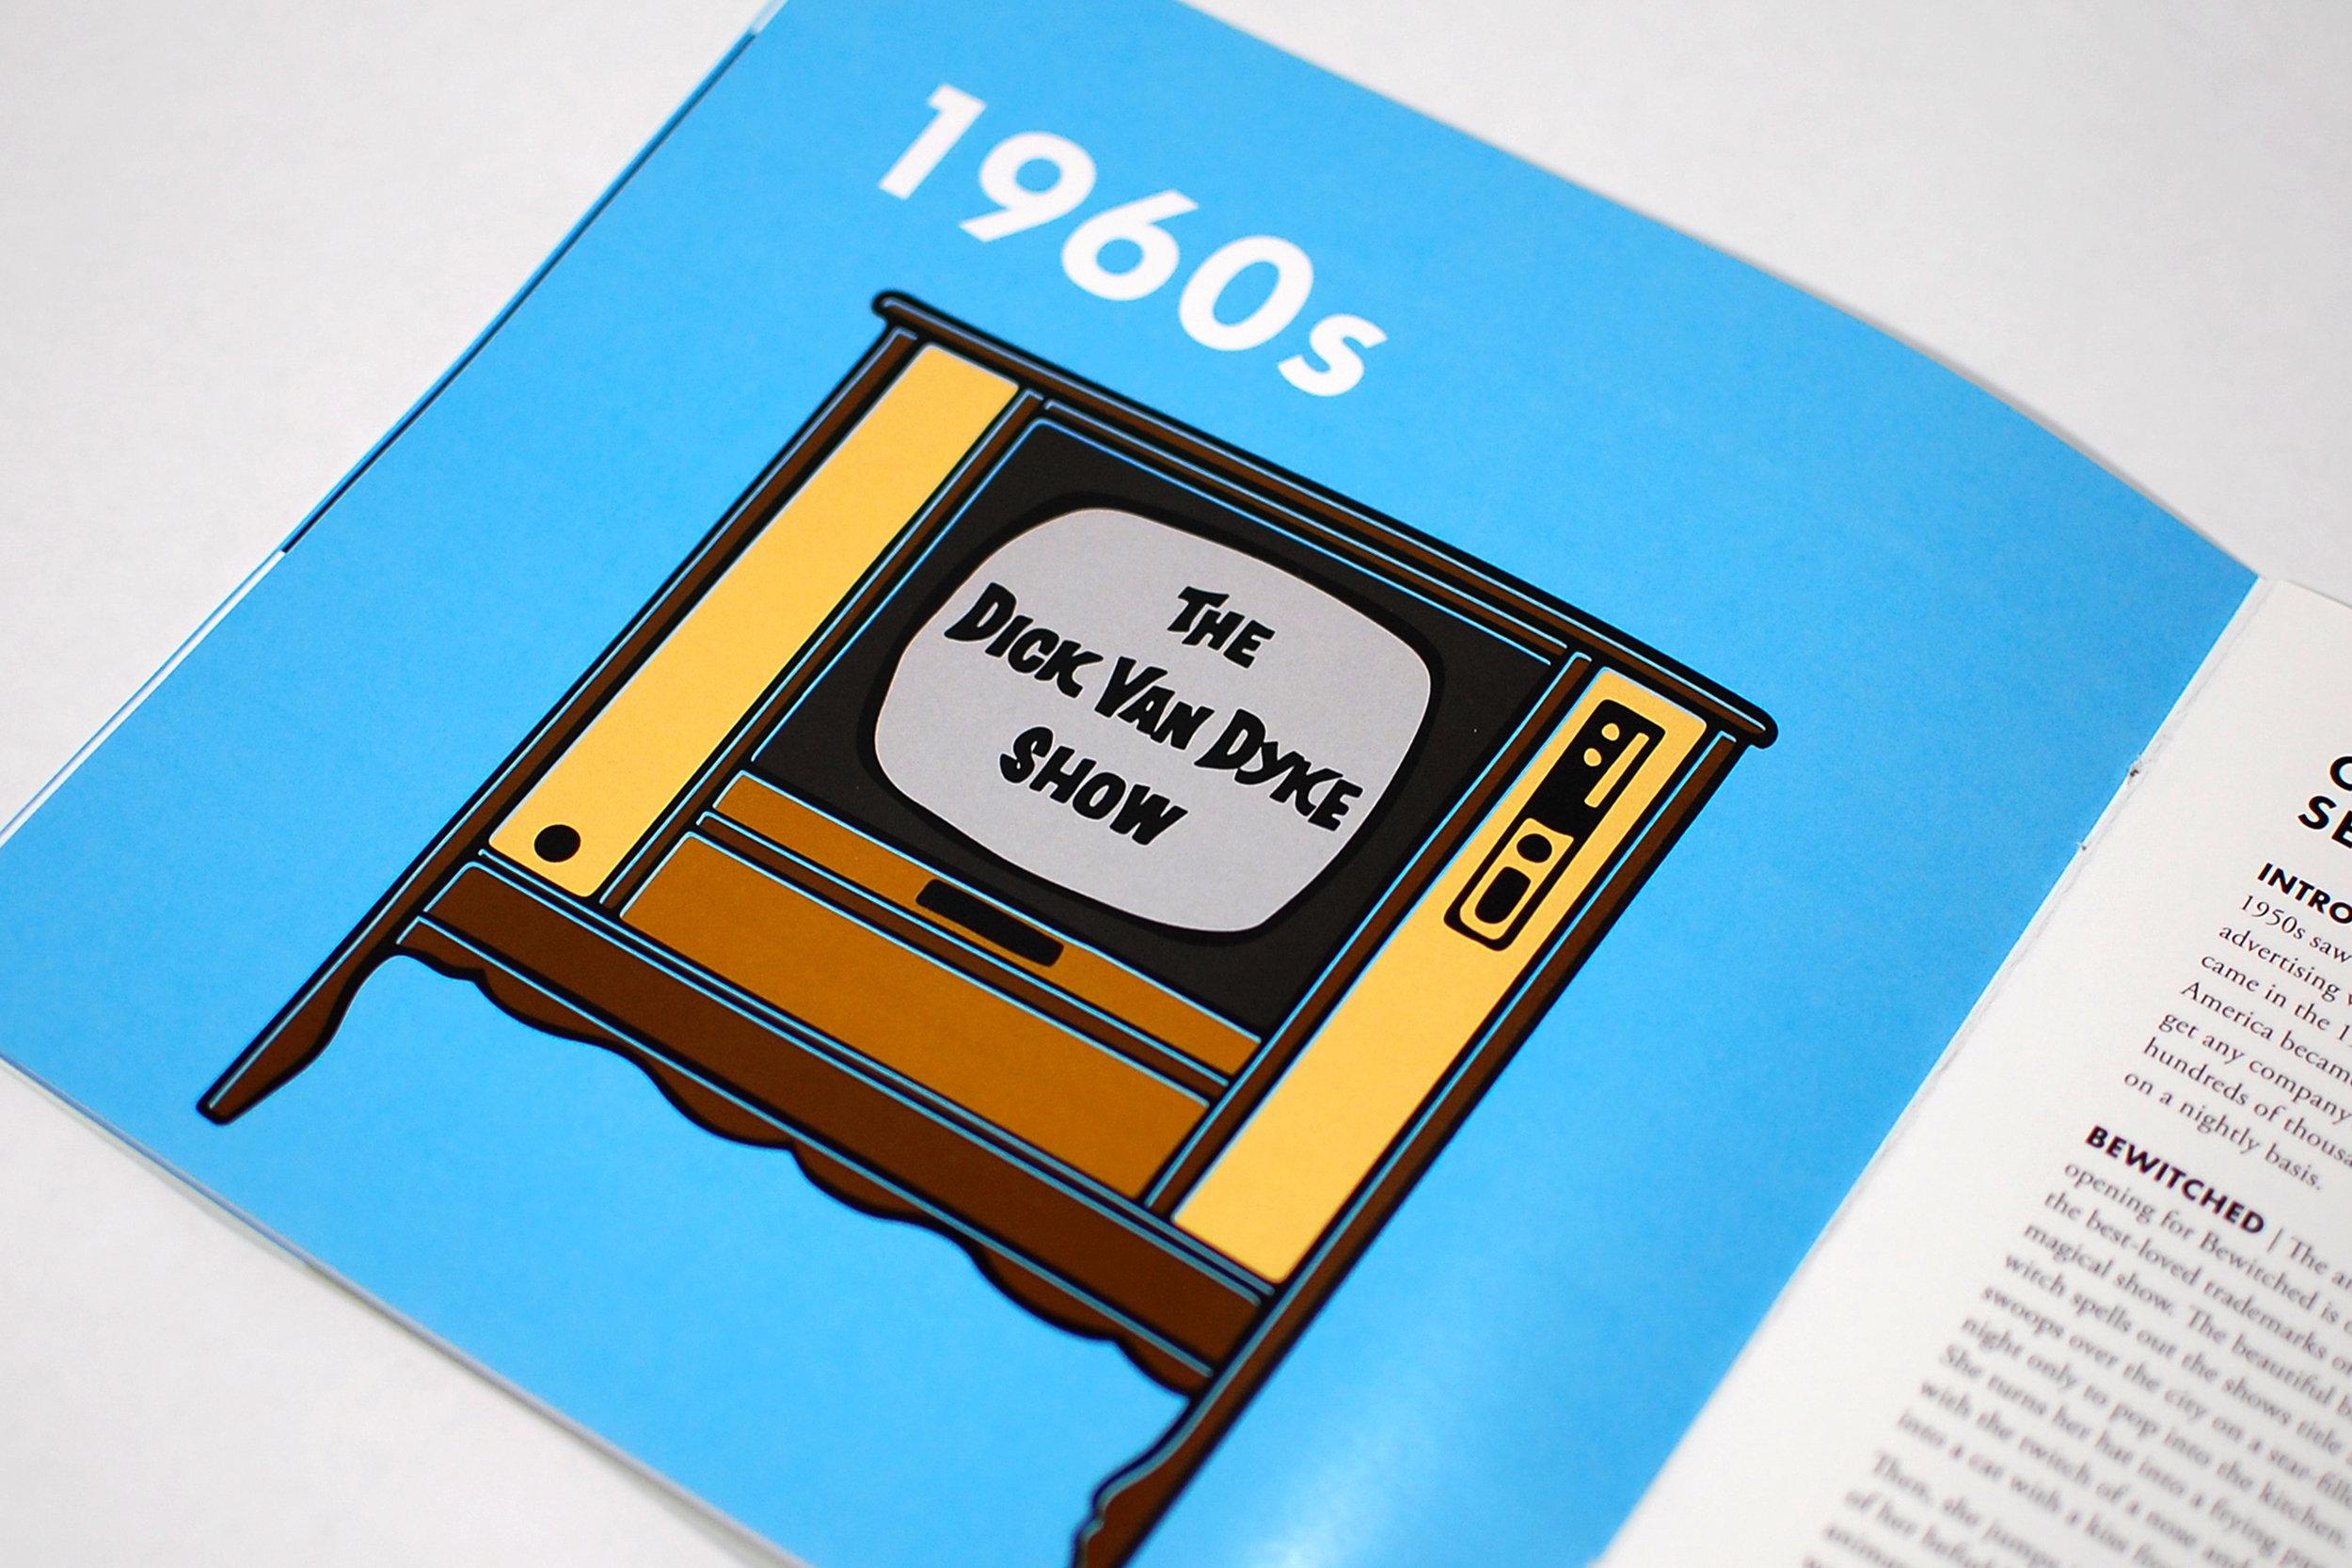 6_1960s_TvType.jpg